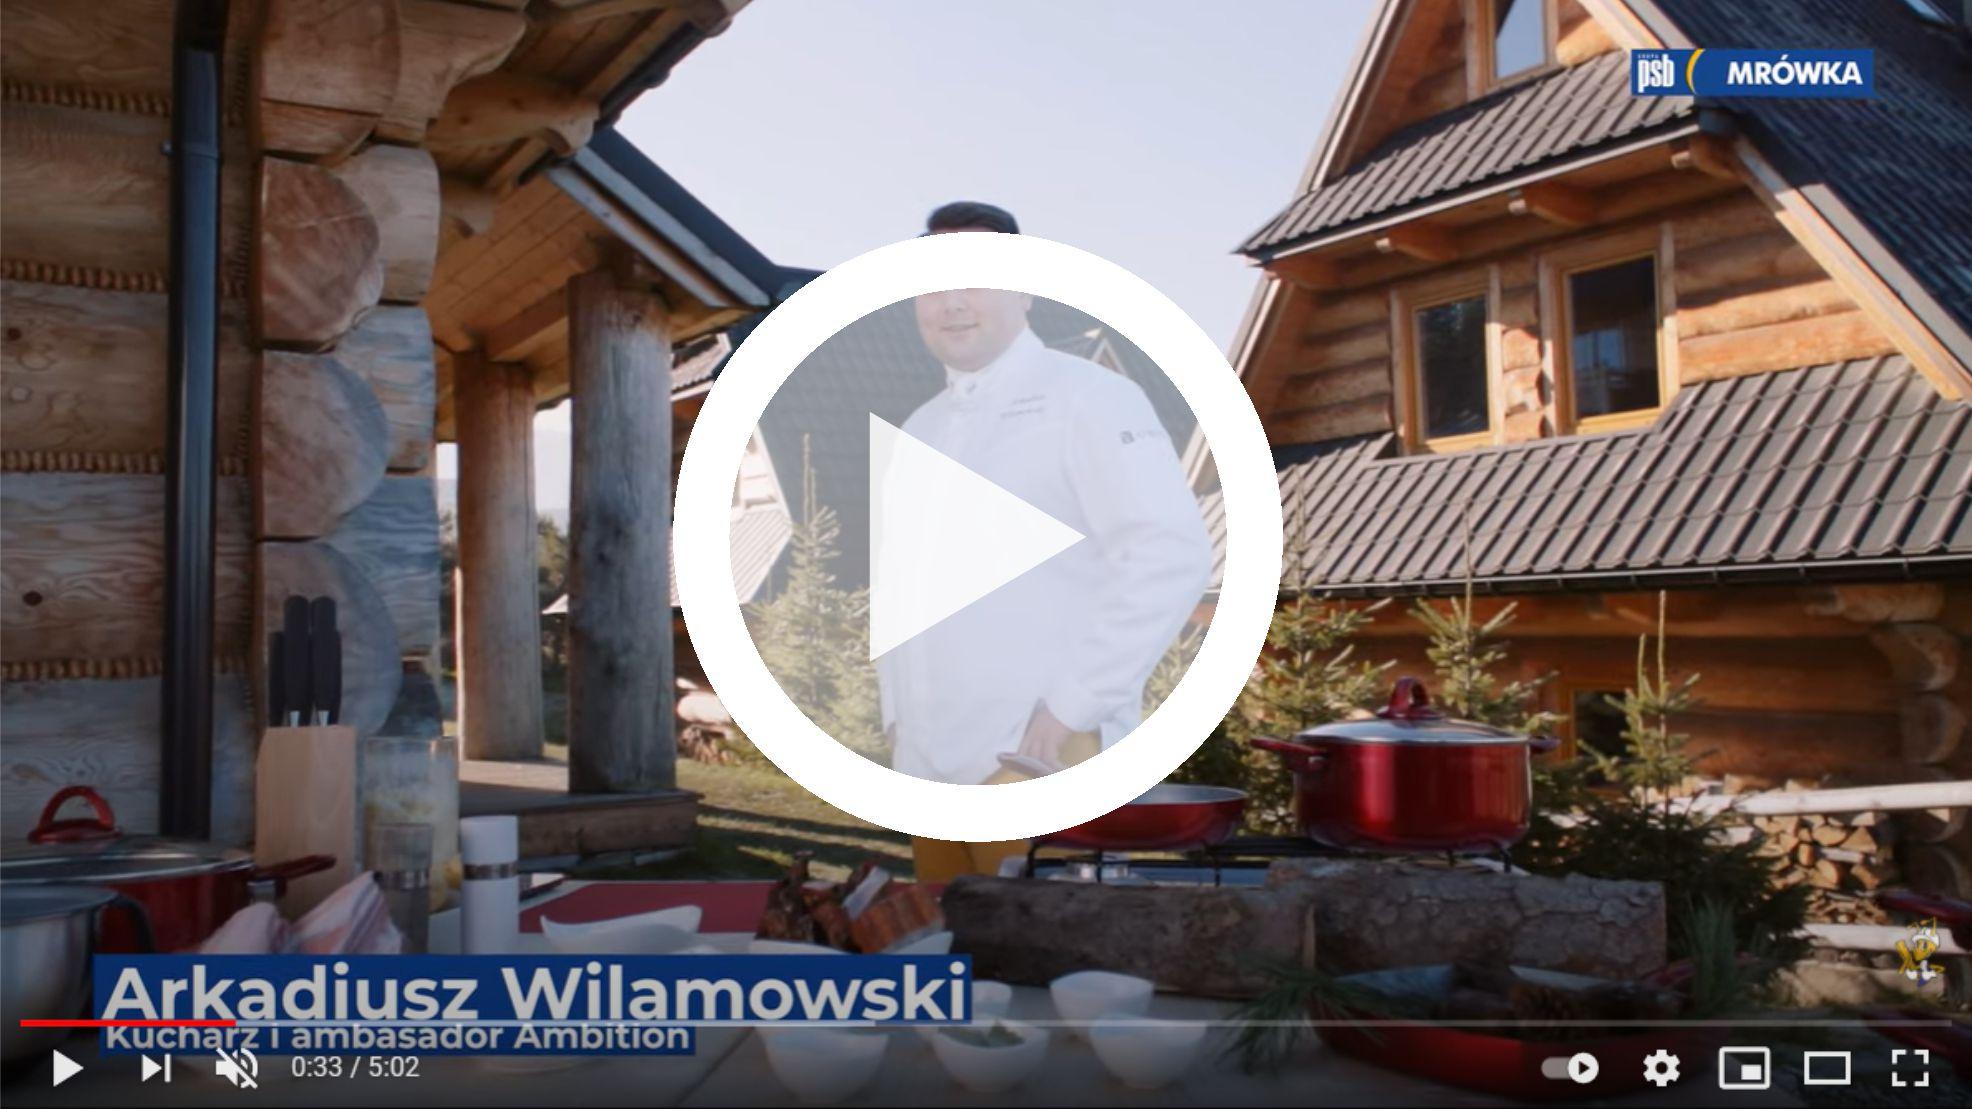 gotujemy-podhalanskie-potrawy-z-szefem-kuchni-arkadiuszem-wilamowskim-ambasadorem-marki-ambition